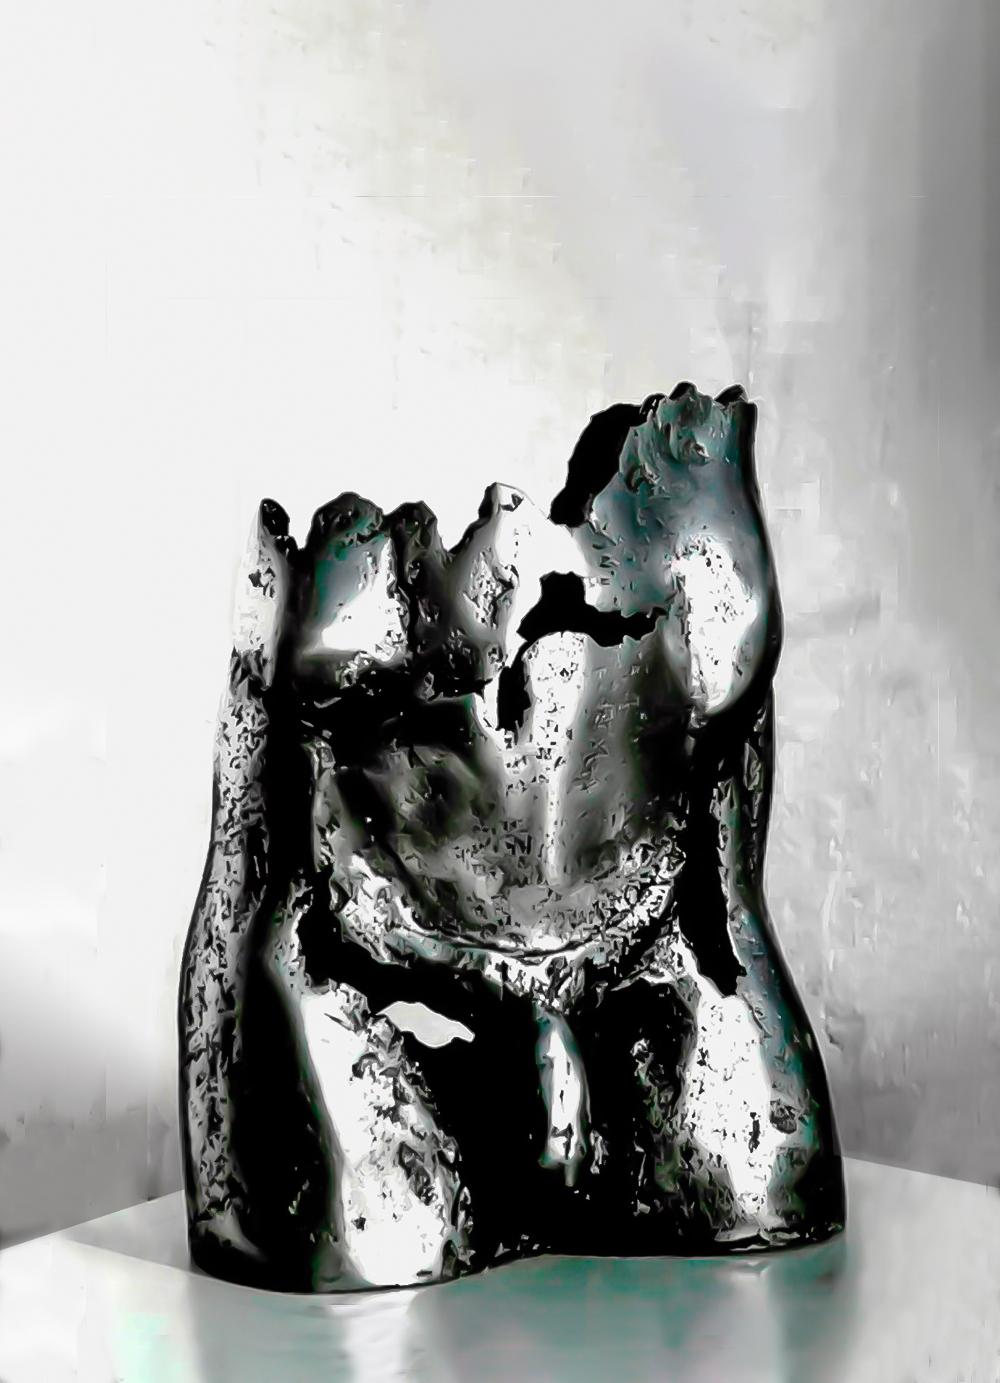 Escultura-Pelvis-Aluminio-A-C.Danone-RD.Escultor